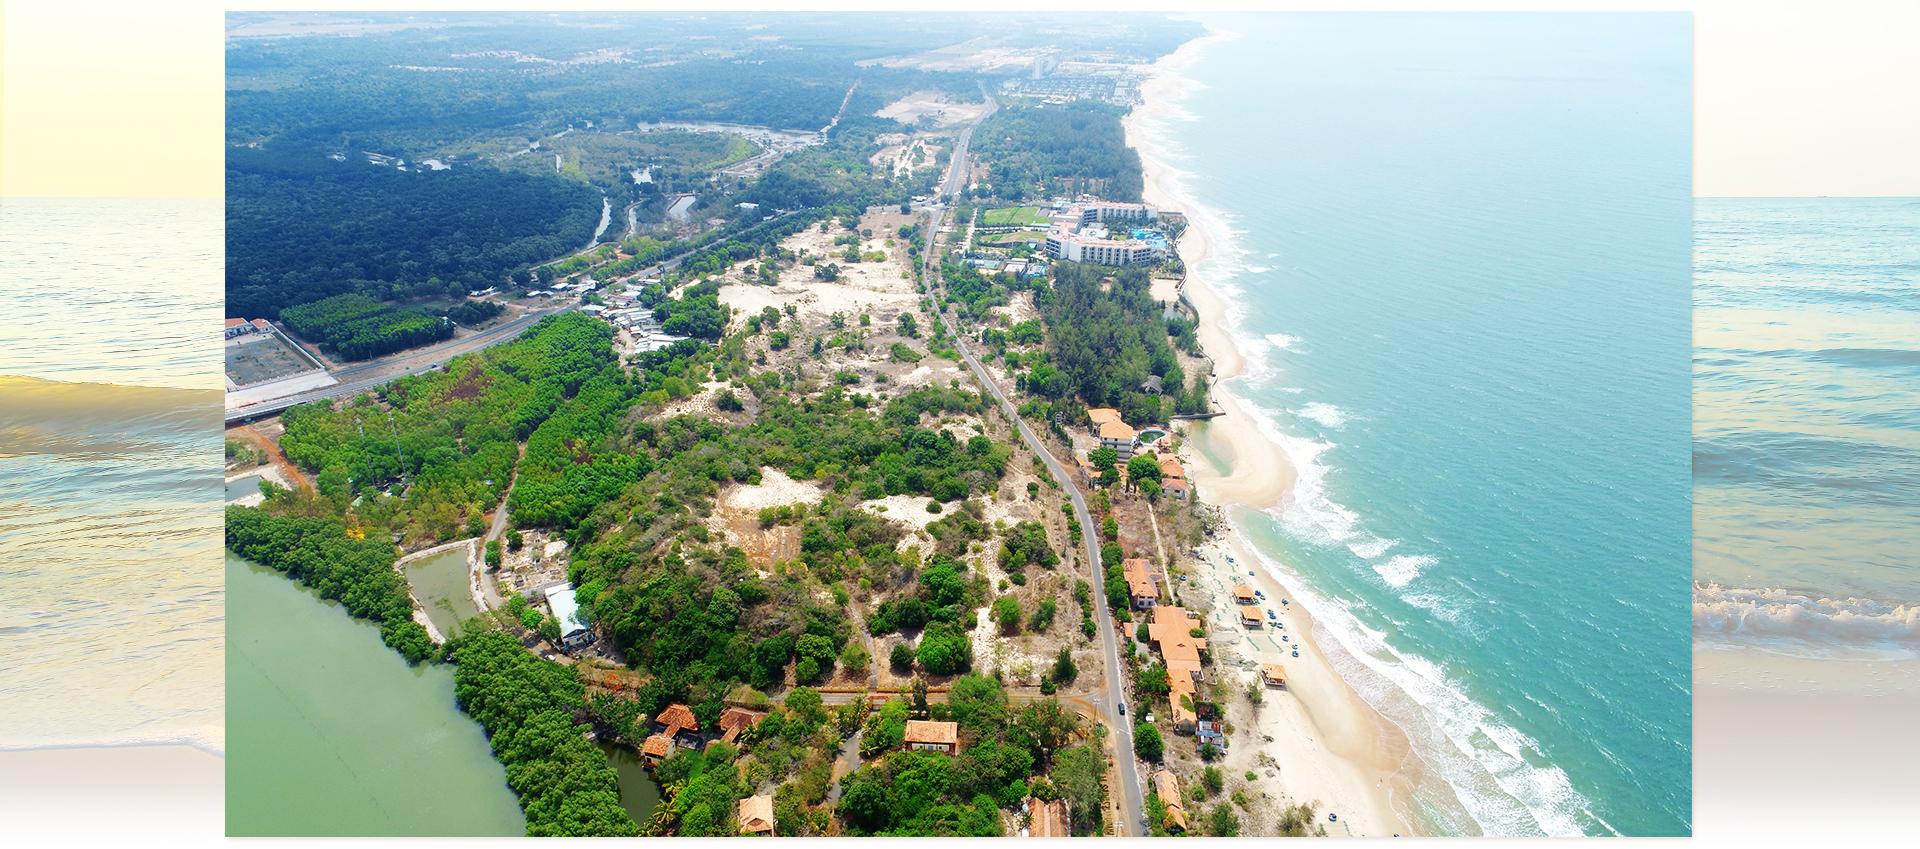 Điểm nhấn đầu tư bất động sản nghỉ dưỡng Hồ Tràm 4